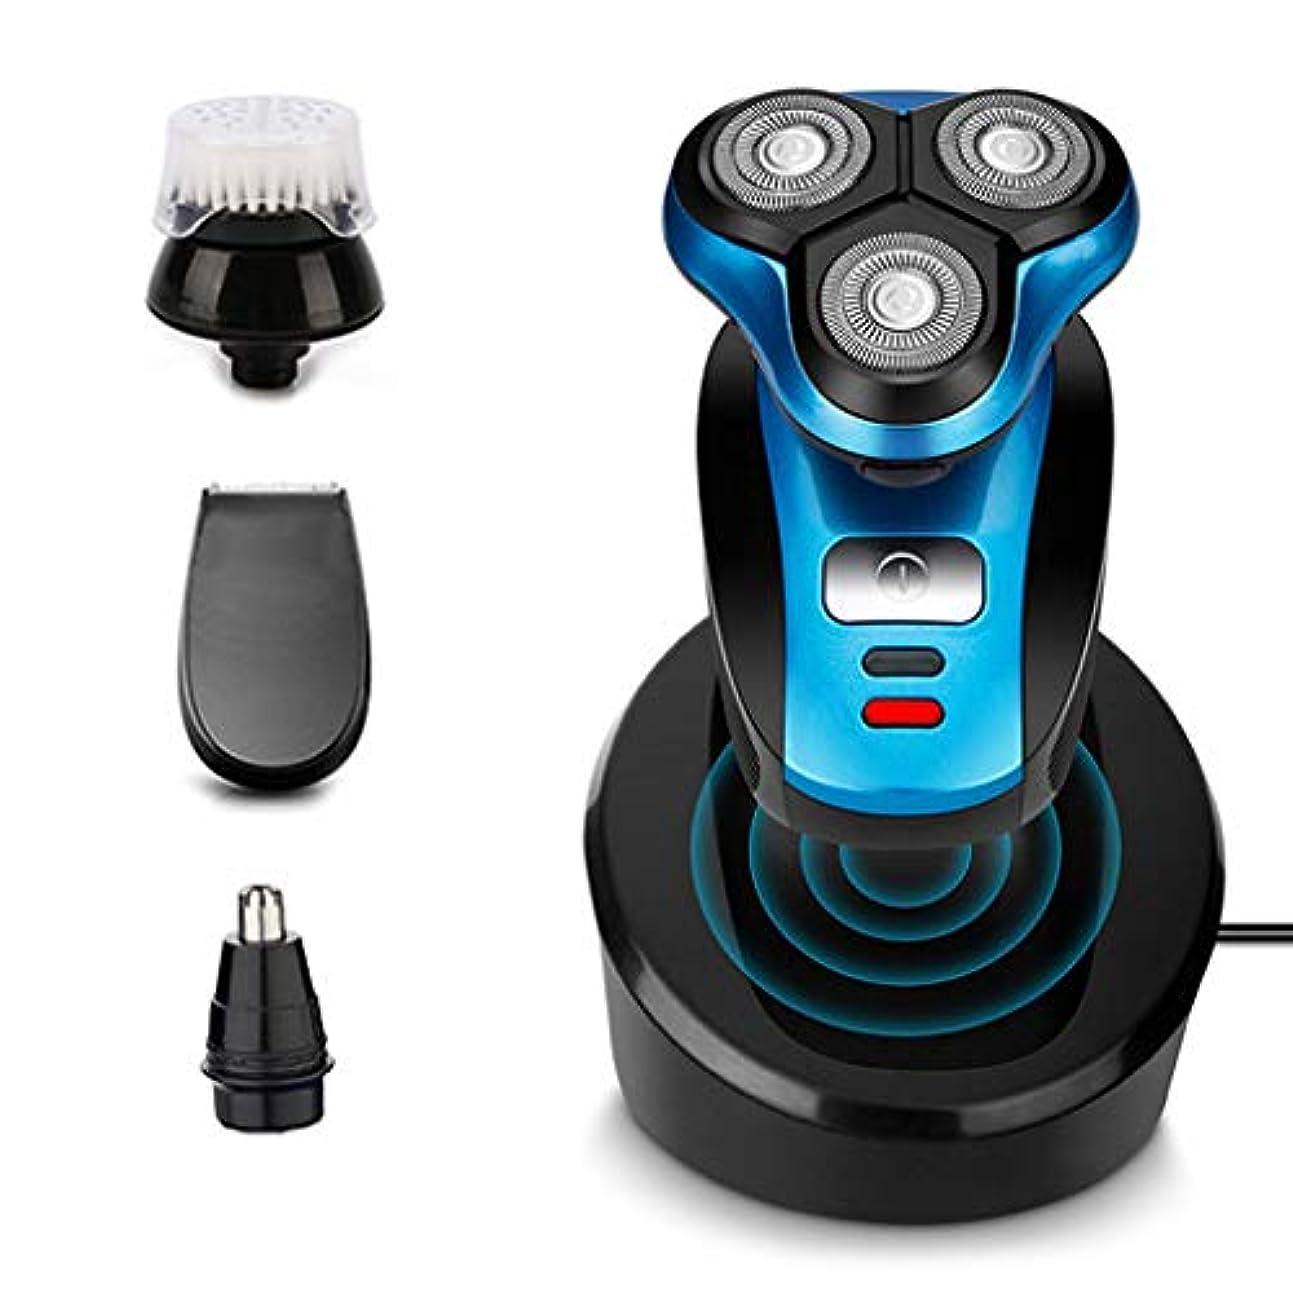 インストラクター出します批判的YHSUNN USBワイヤレス充電電気シェーバー男性用フローティング3ブレードヘッド電気シェービングマシン充電式かみそりフェイスケアツール